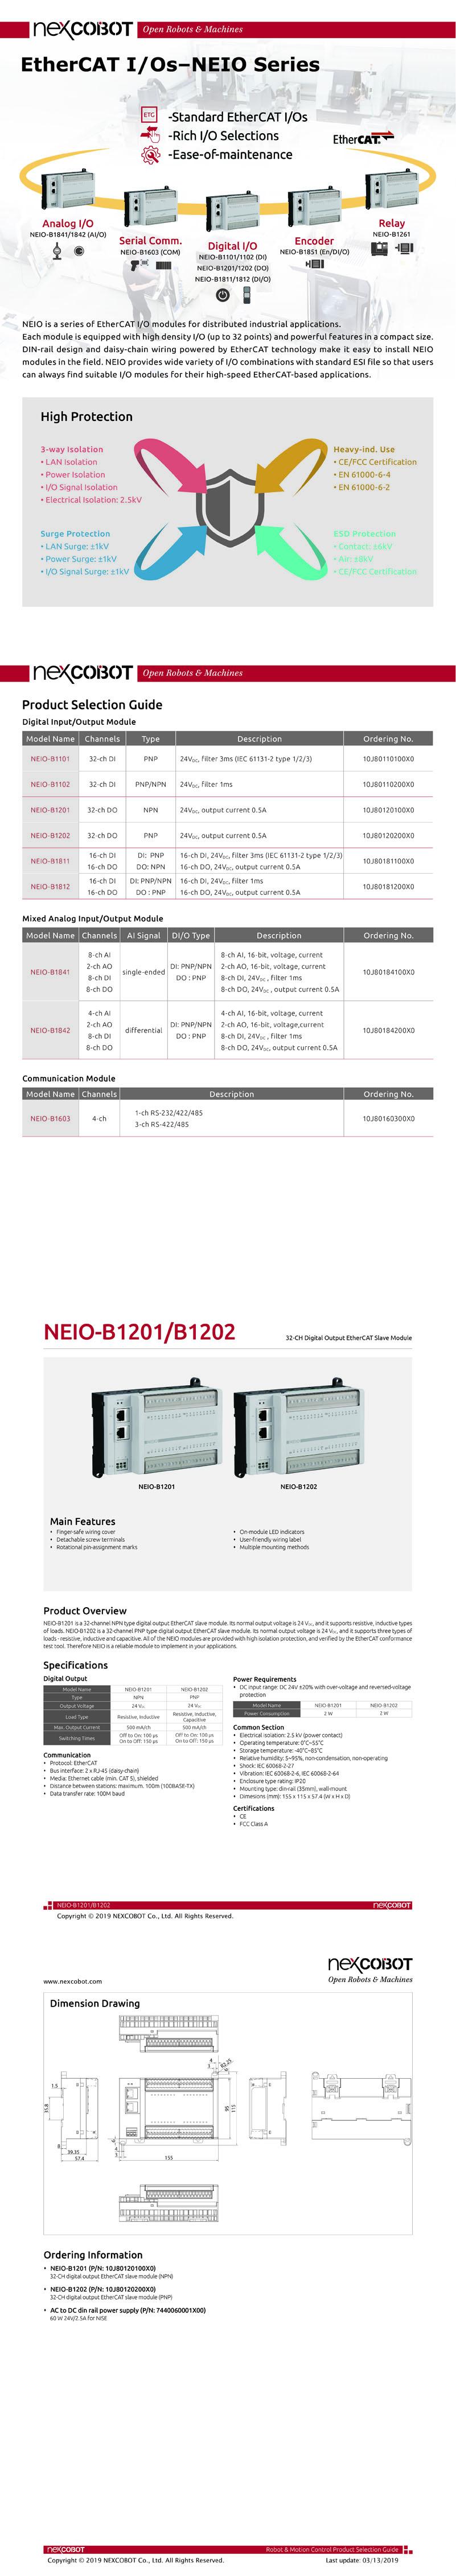 NEIO-B1201_L  2.jpg